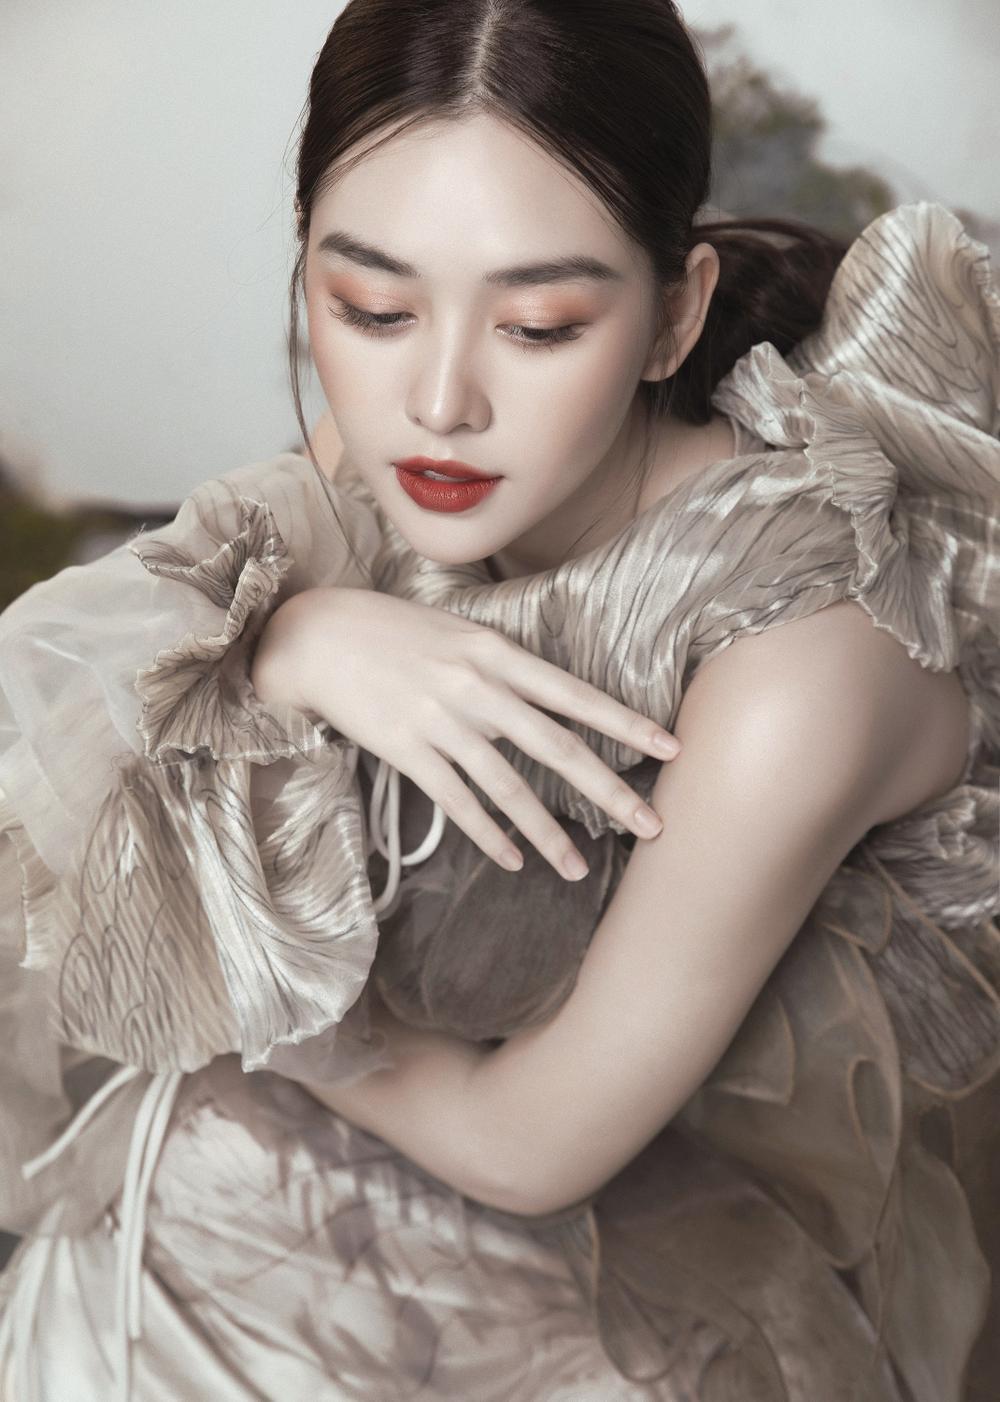 Á hậu Tường San hóa 'Hằng Nga', đẹp ma mị trong bộ ảnh mới dịp Trung thu Ảnh 12